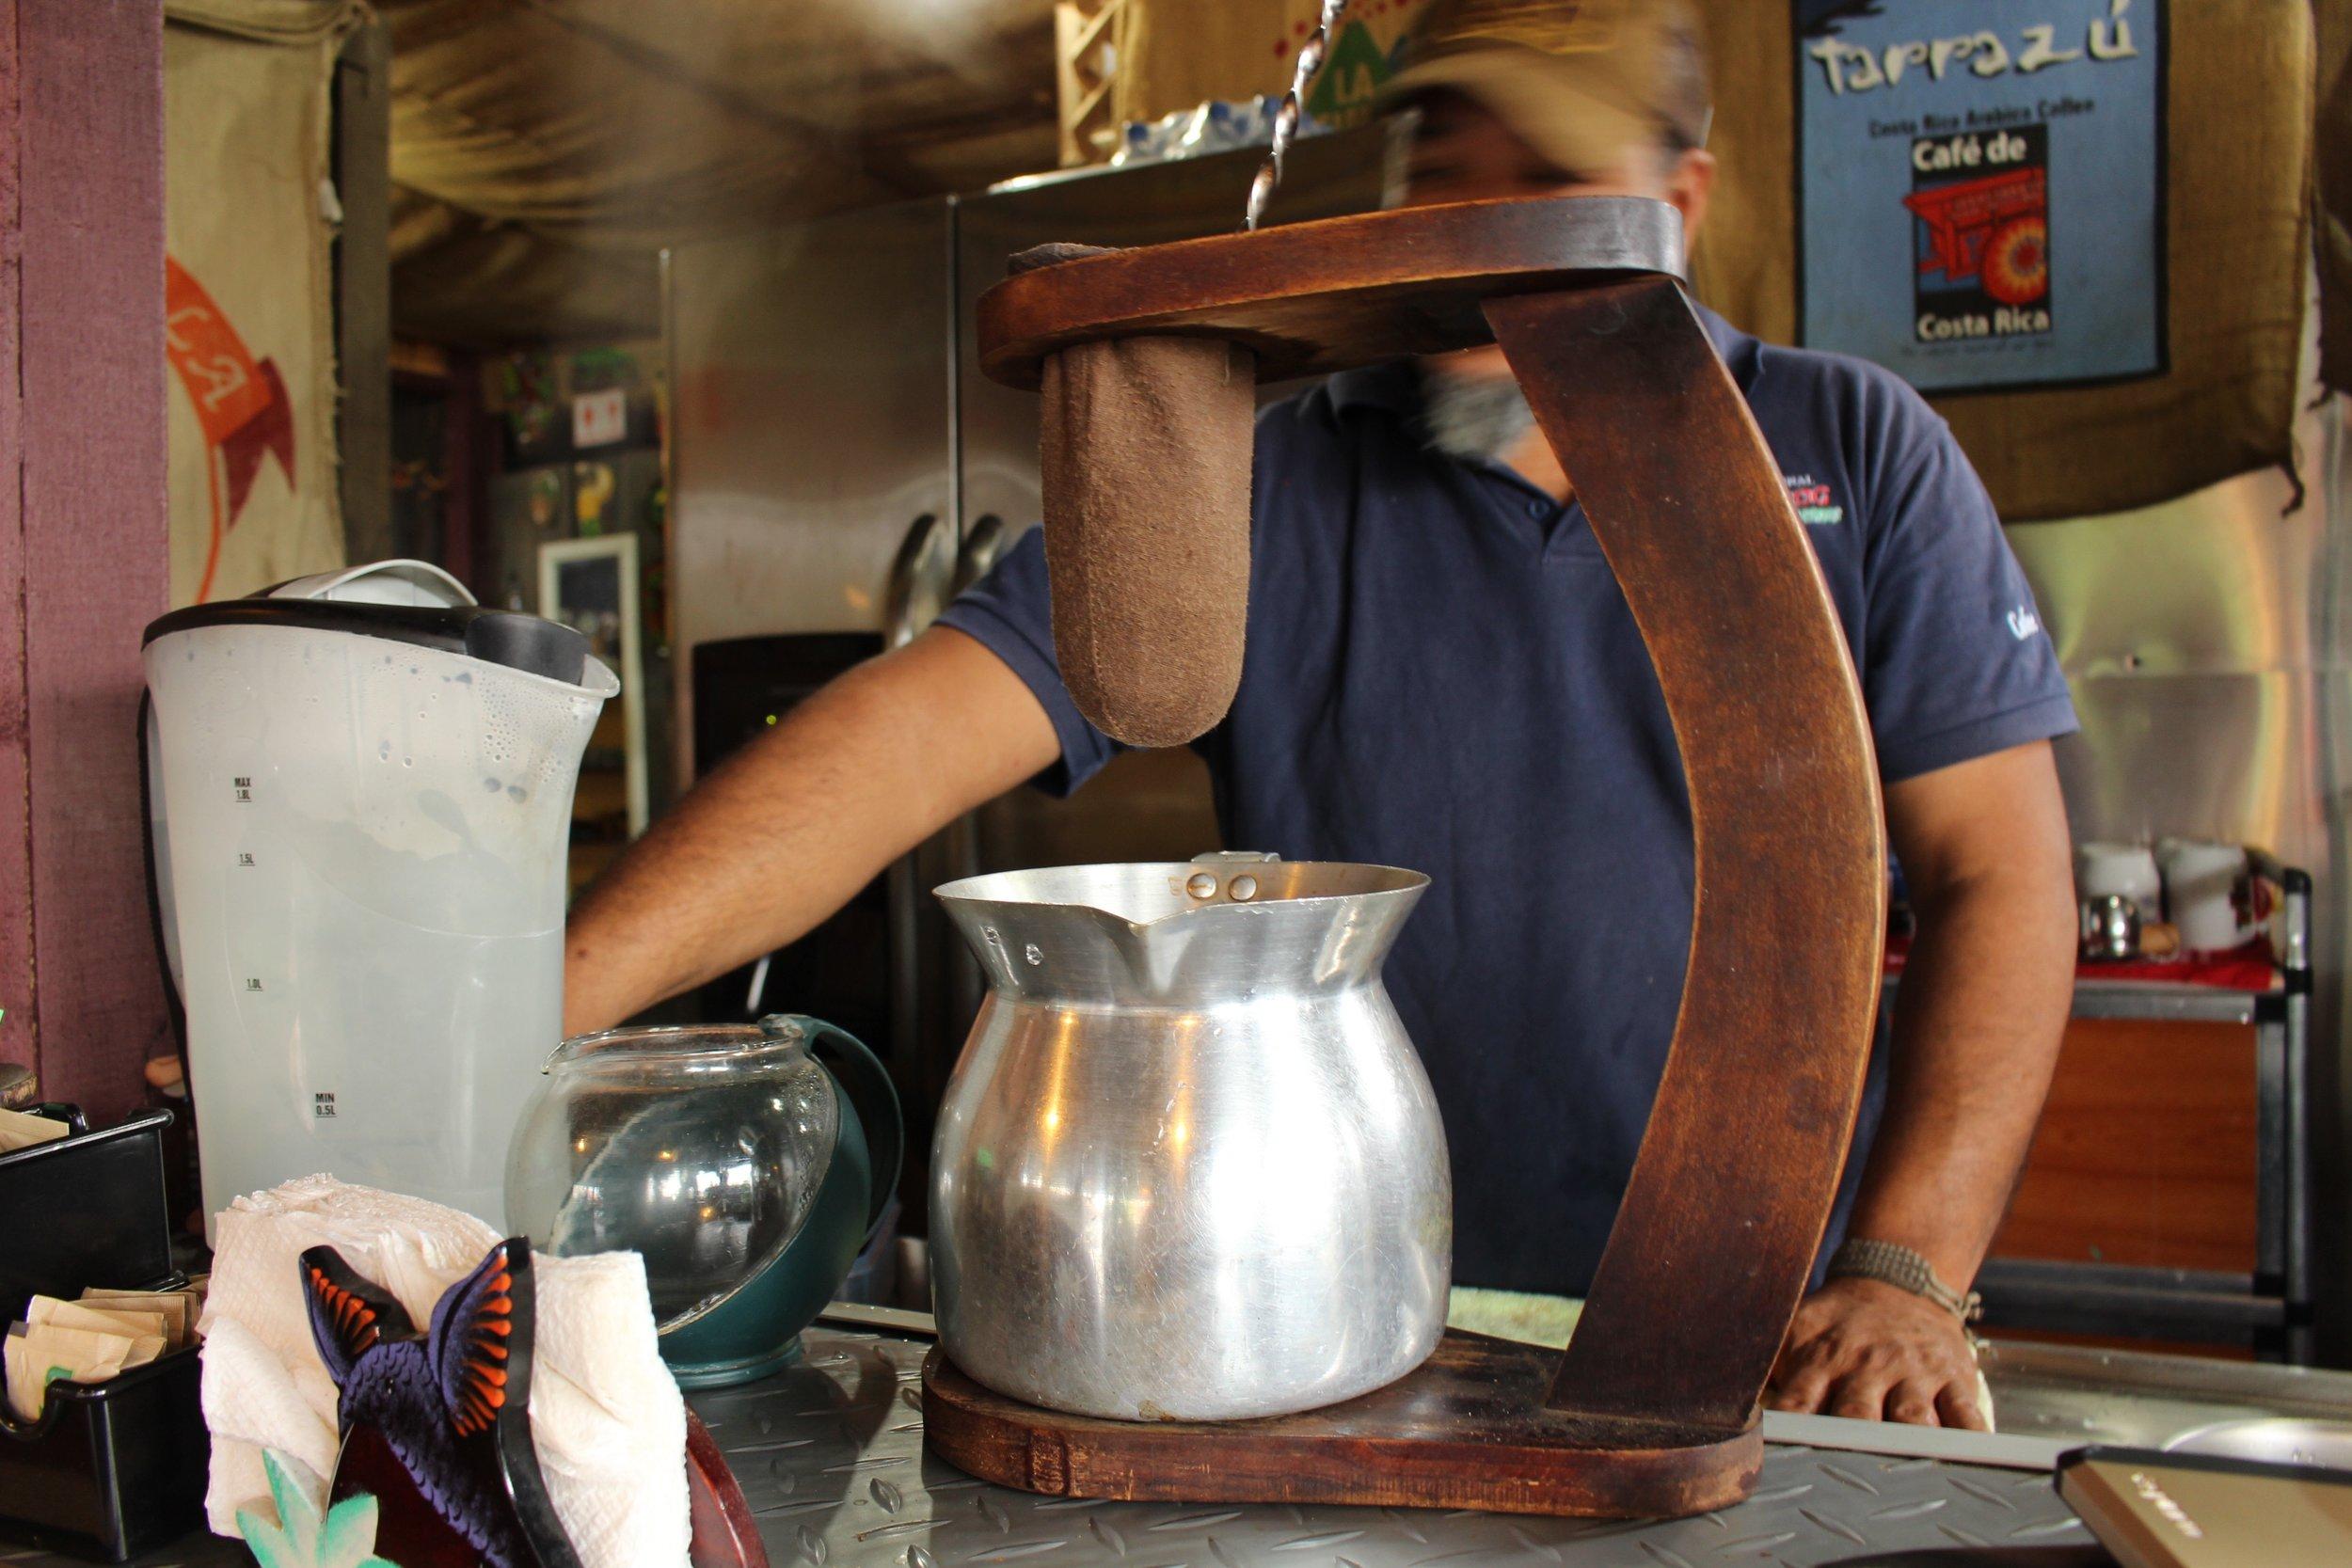 Roy making the BEST café!